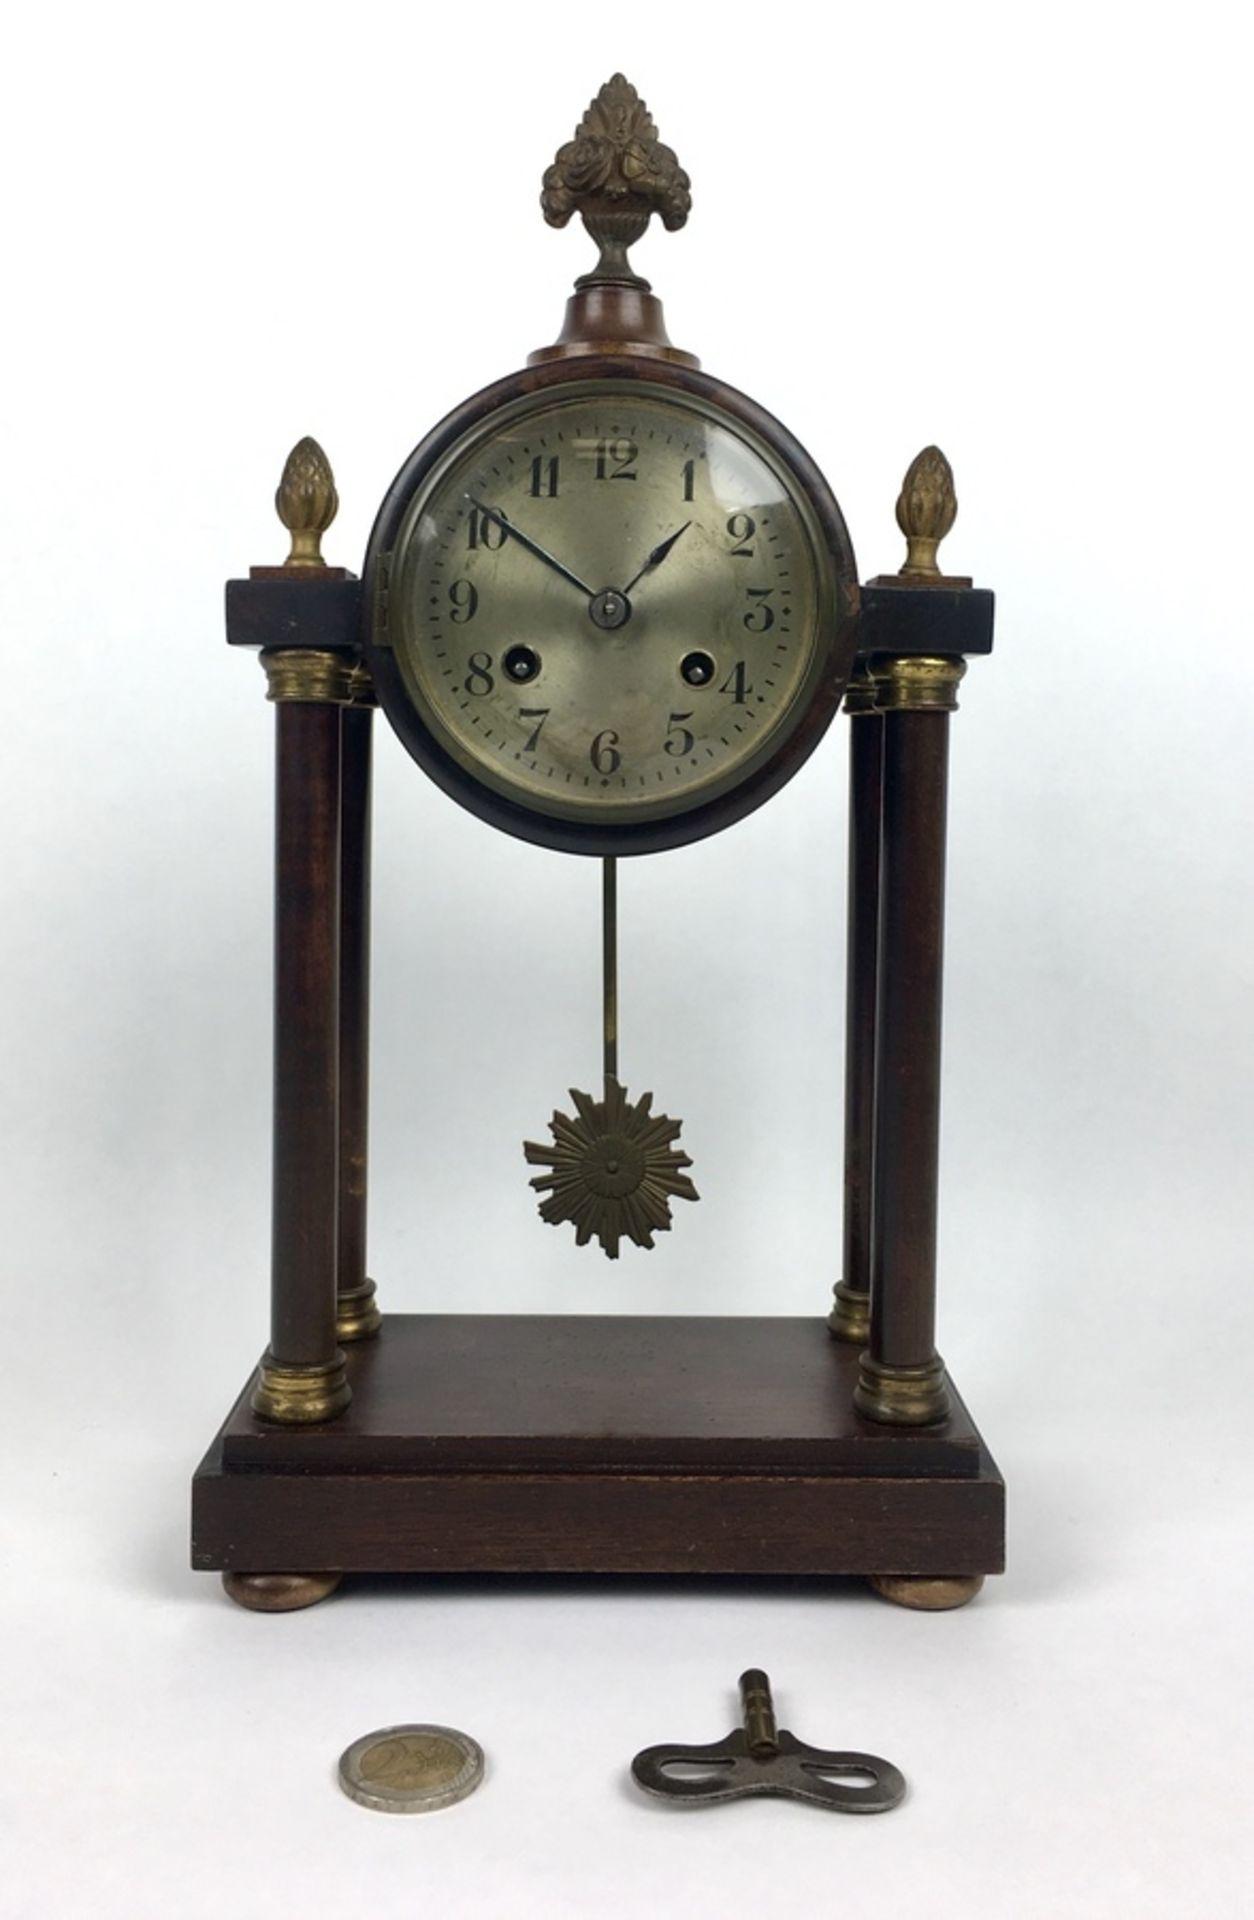 (Klokken) KolomklokFranse kolomklok, wijzerplaat met Arabische cijfers en zonne slinger. Circa - Image 2 of 7